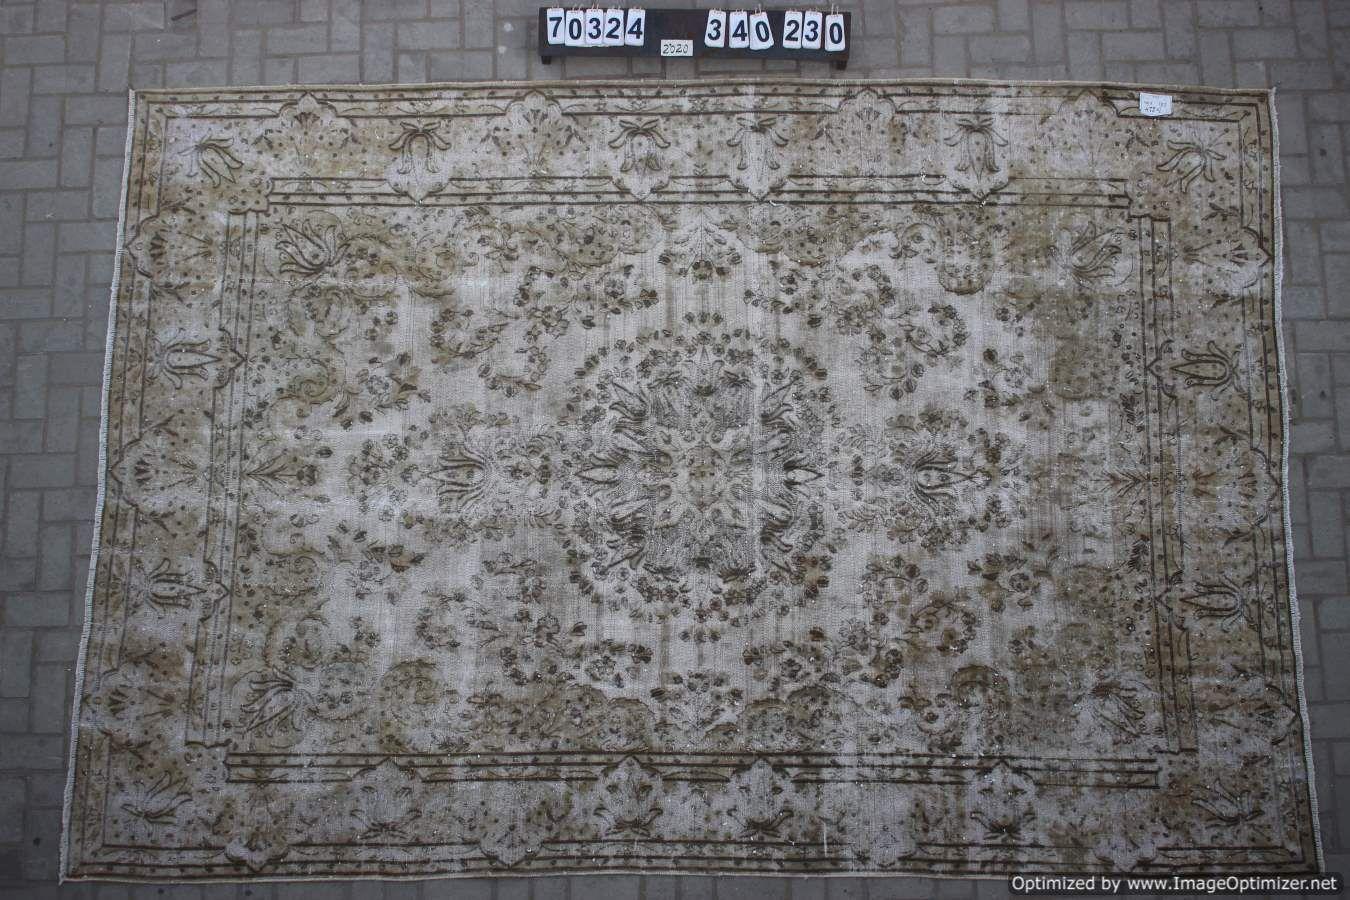 Vintage vloerkleed zandkleur, 70324, 340cm x 230cm